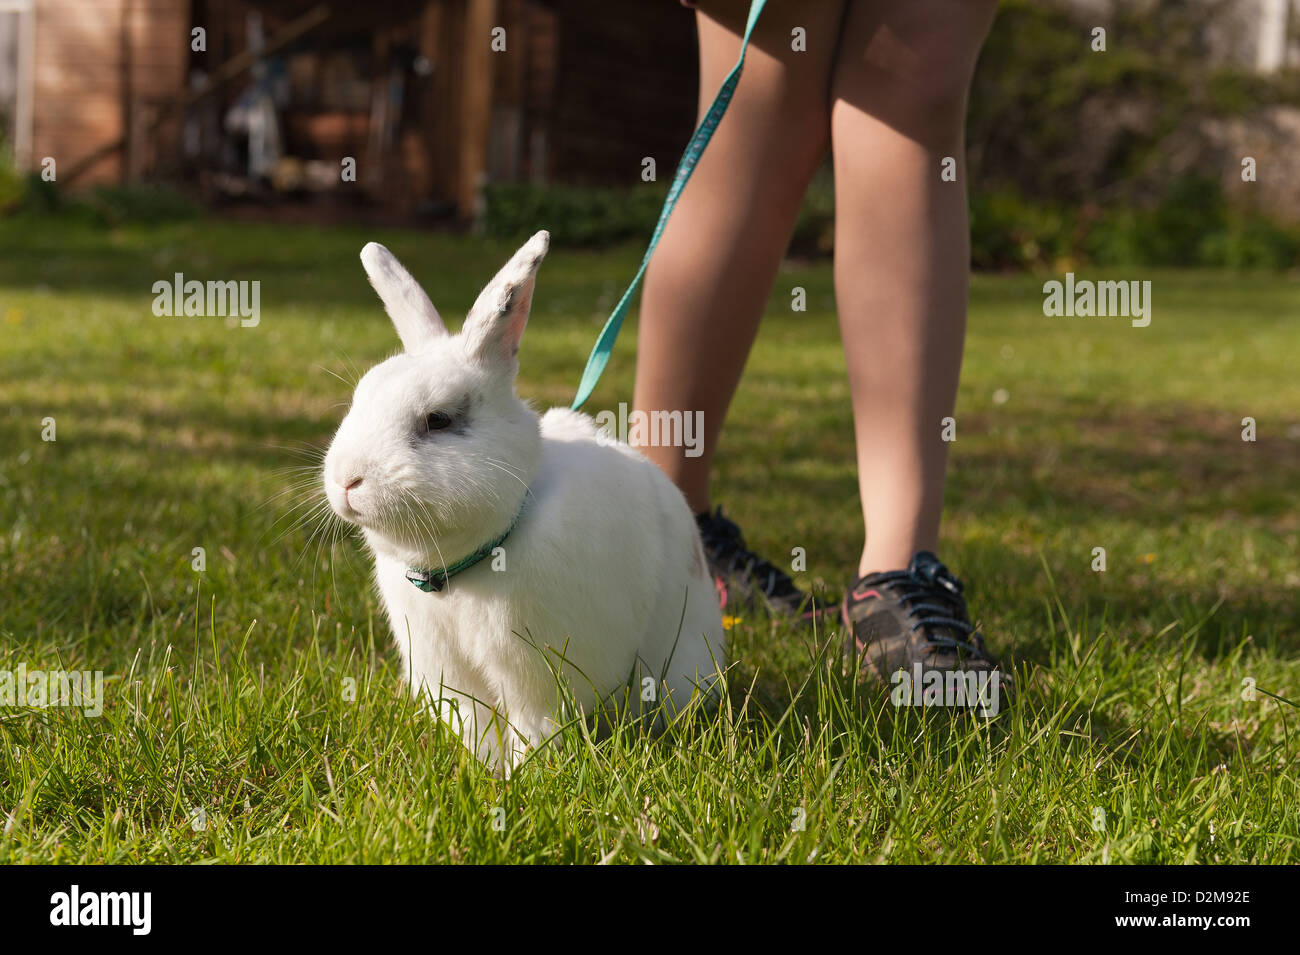 Adolescent fille qui marche un papillon anglais lapin blanc en laisse sur une pelouse avec marguerites avec faisceau Photo Stock